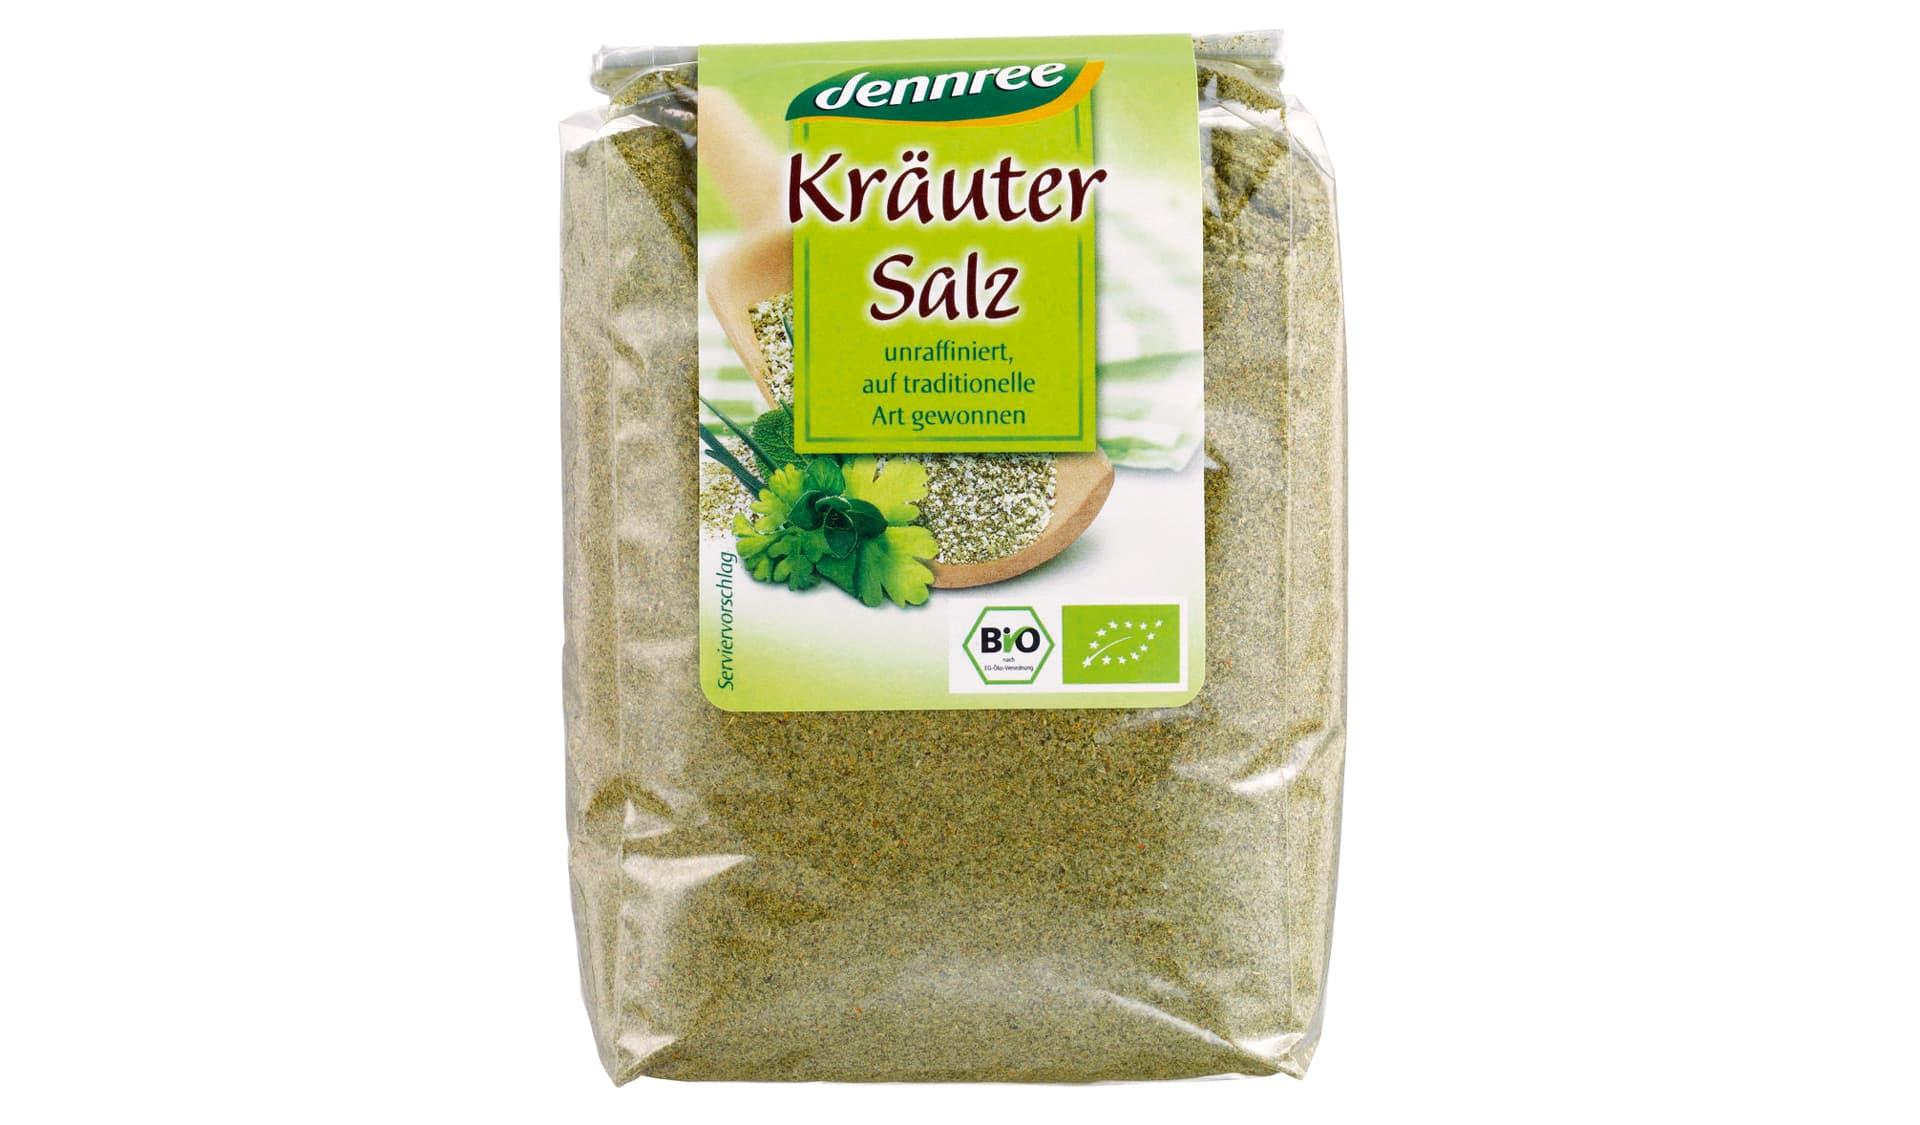 Dennree Kräutersalz im Nachfüllbeutel (www.dennree.de)